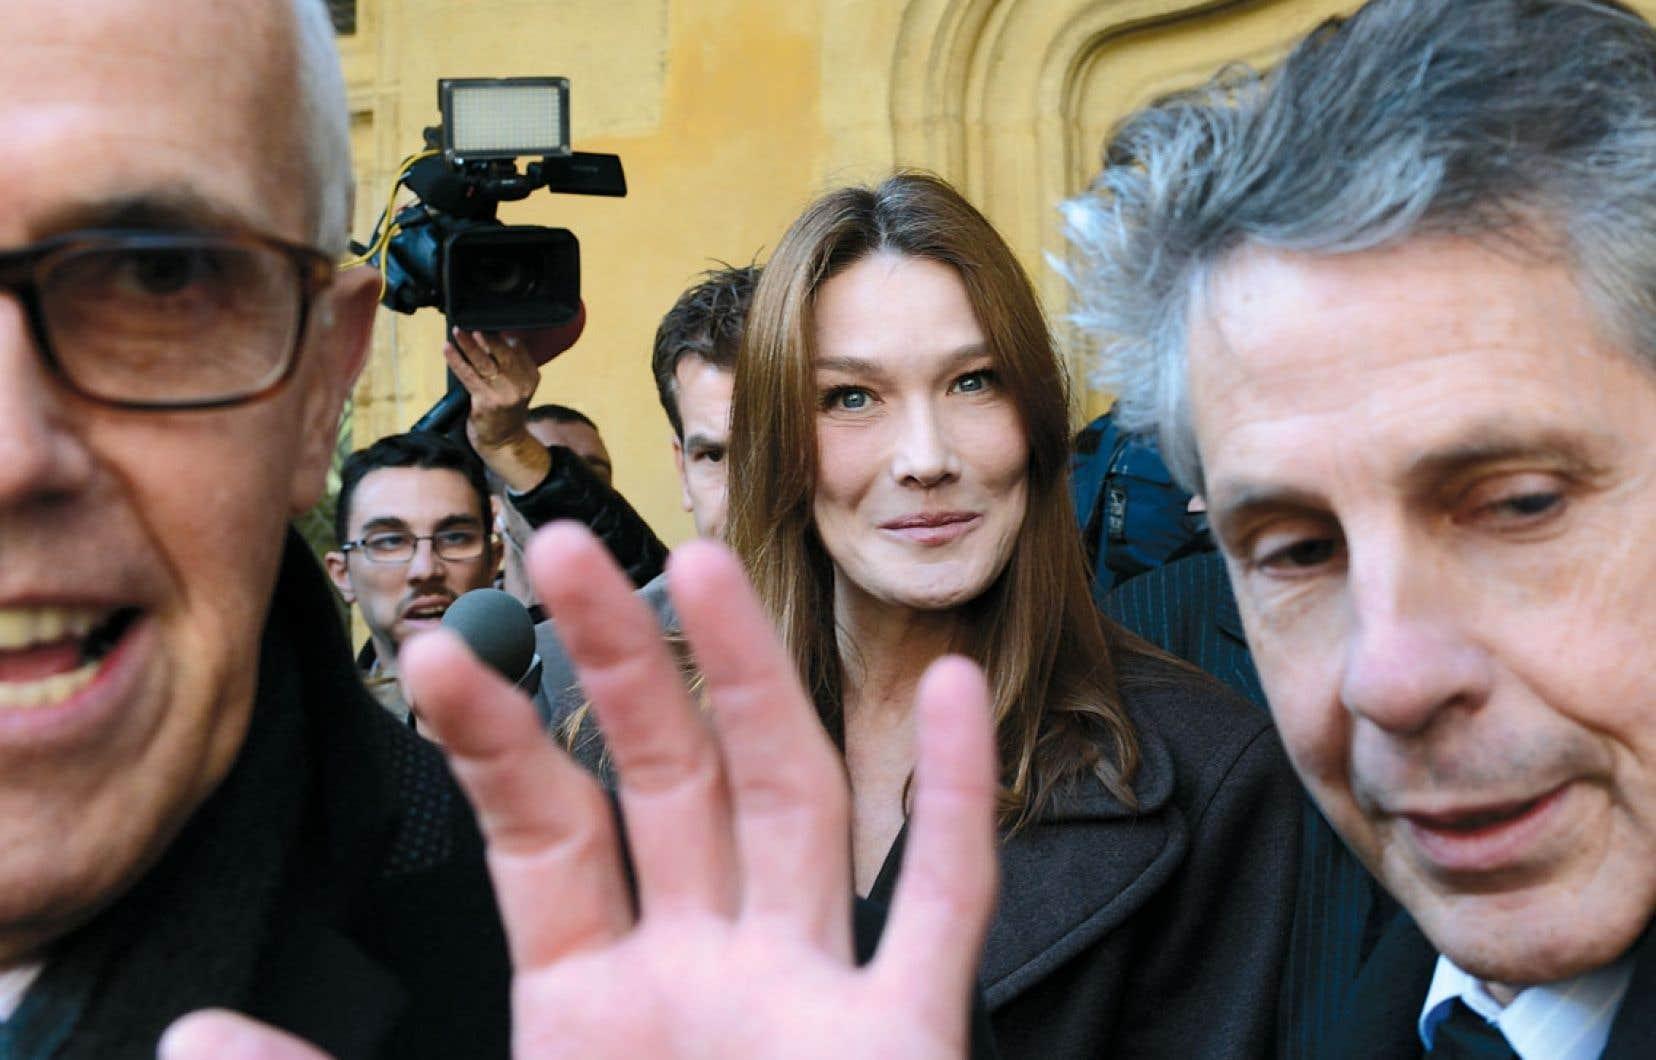 Carla Bruni-Sarkozy, qu'elle le veuille ou non, est une femme publique. Elle n'est pas une nobody, elle est une star.